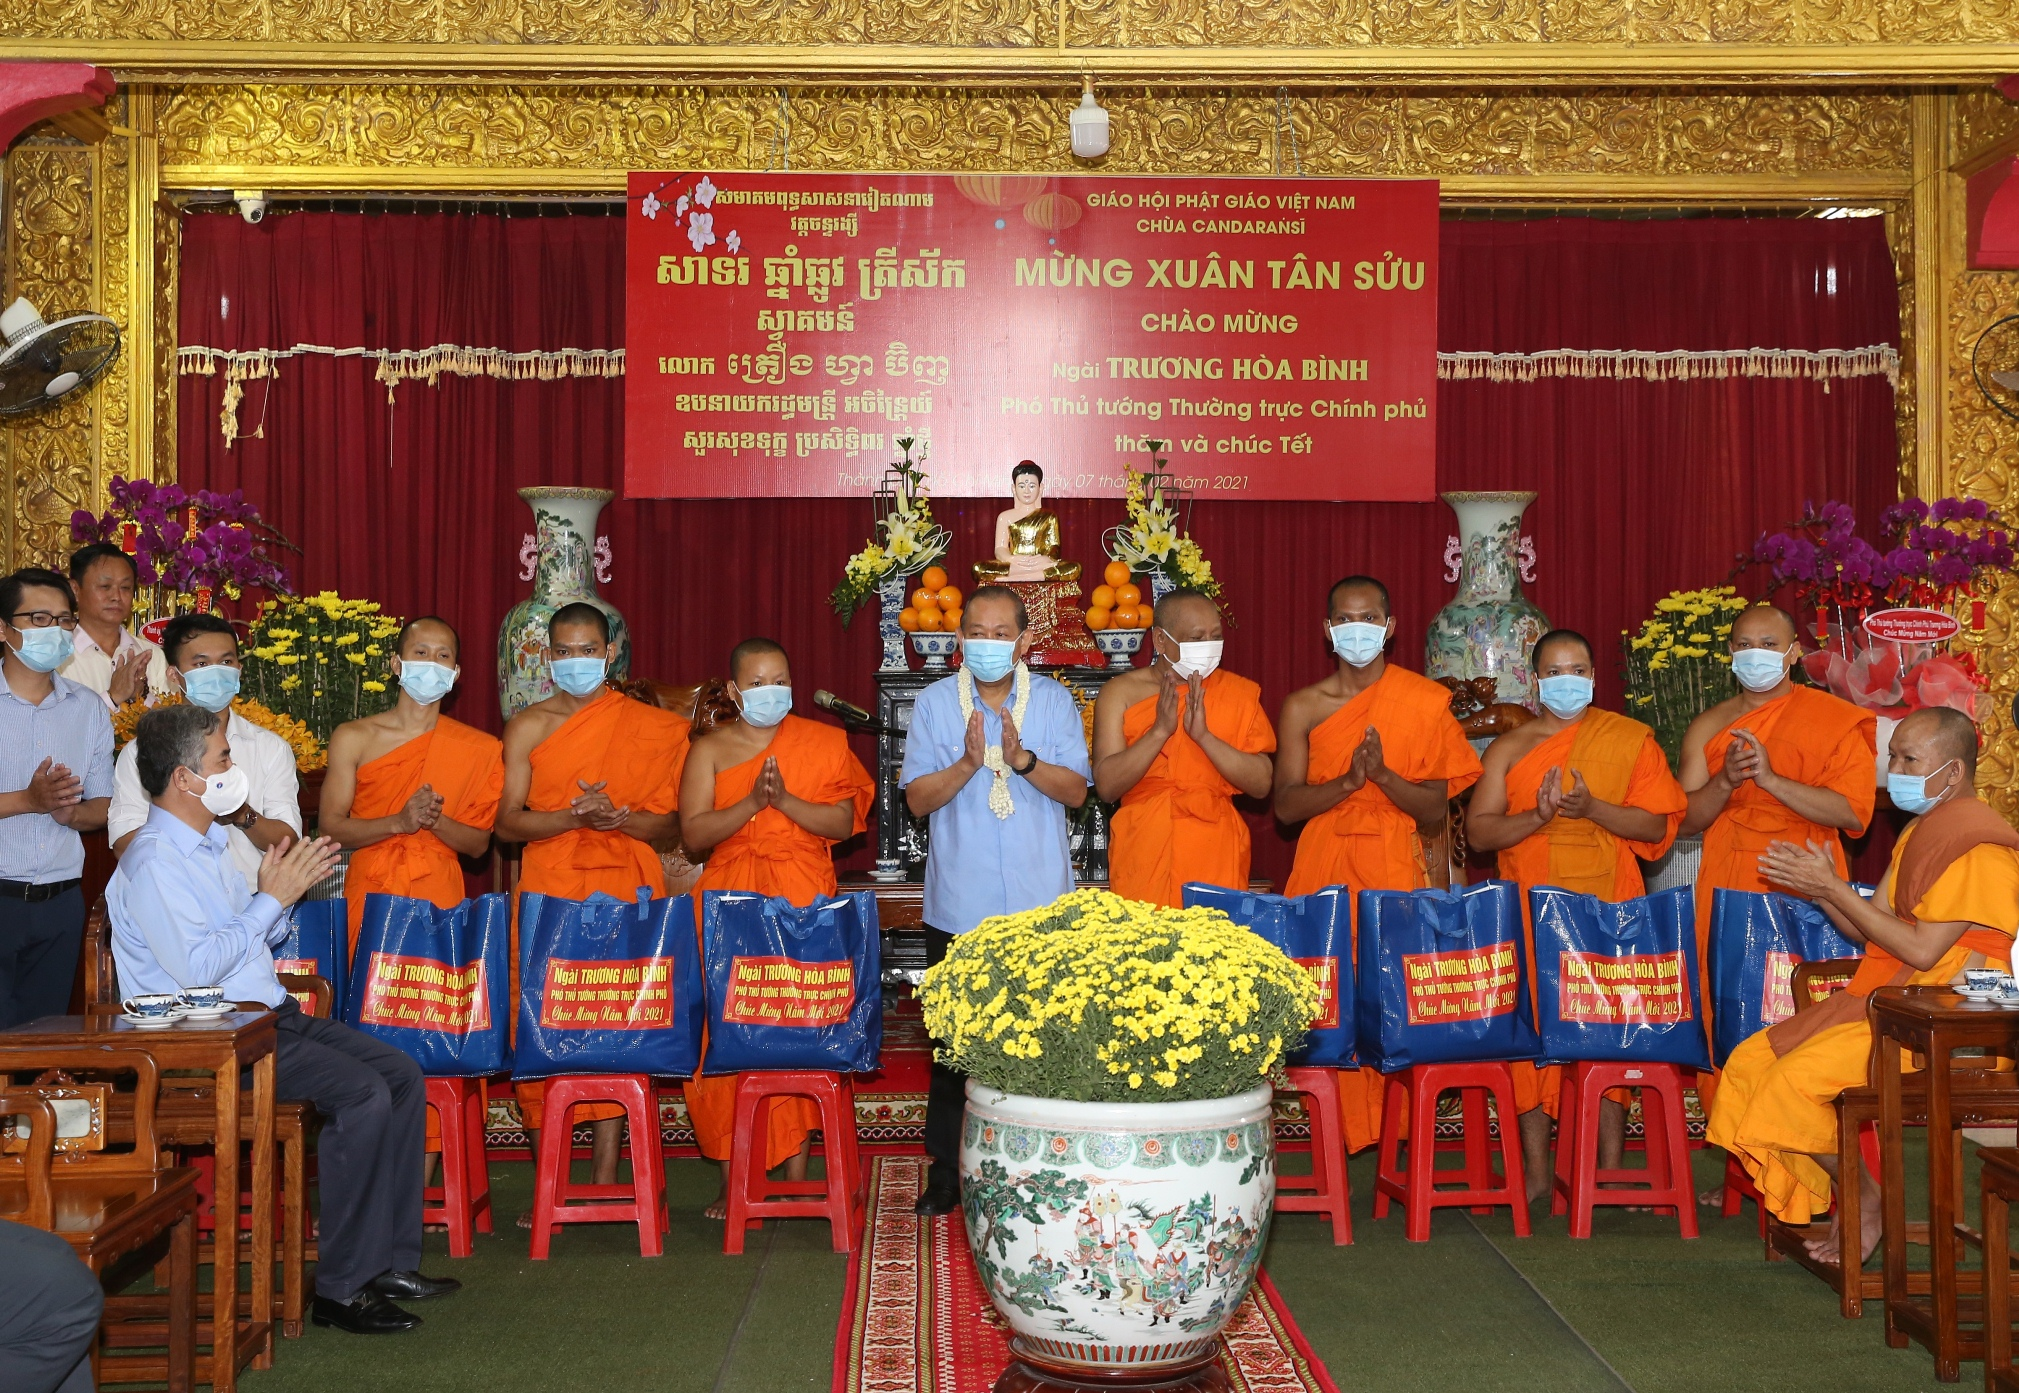 Phó Thủ tướng Thường trực Chính phủ Trương Hòa Bình tặng quà Tết chư tăng chùa Candaransi. Ảnh: VGP/Mạnh Hùng